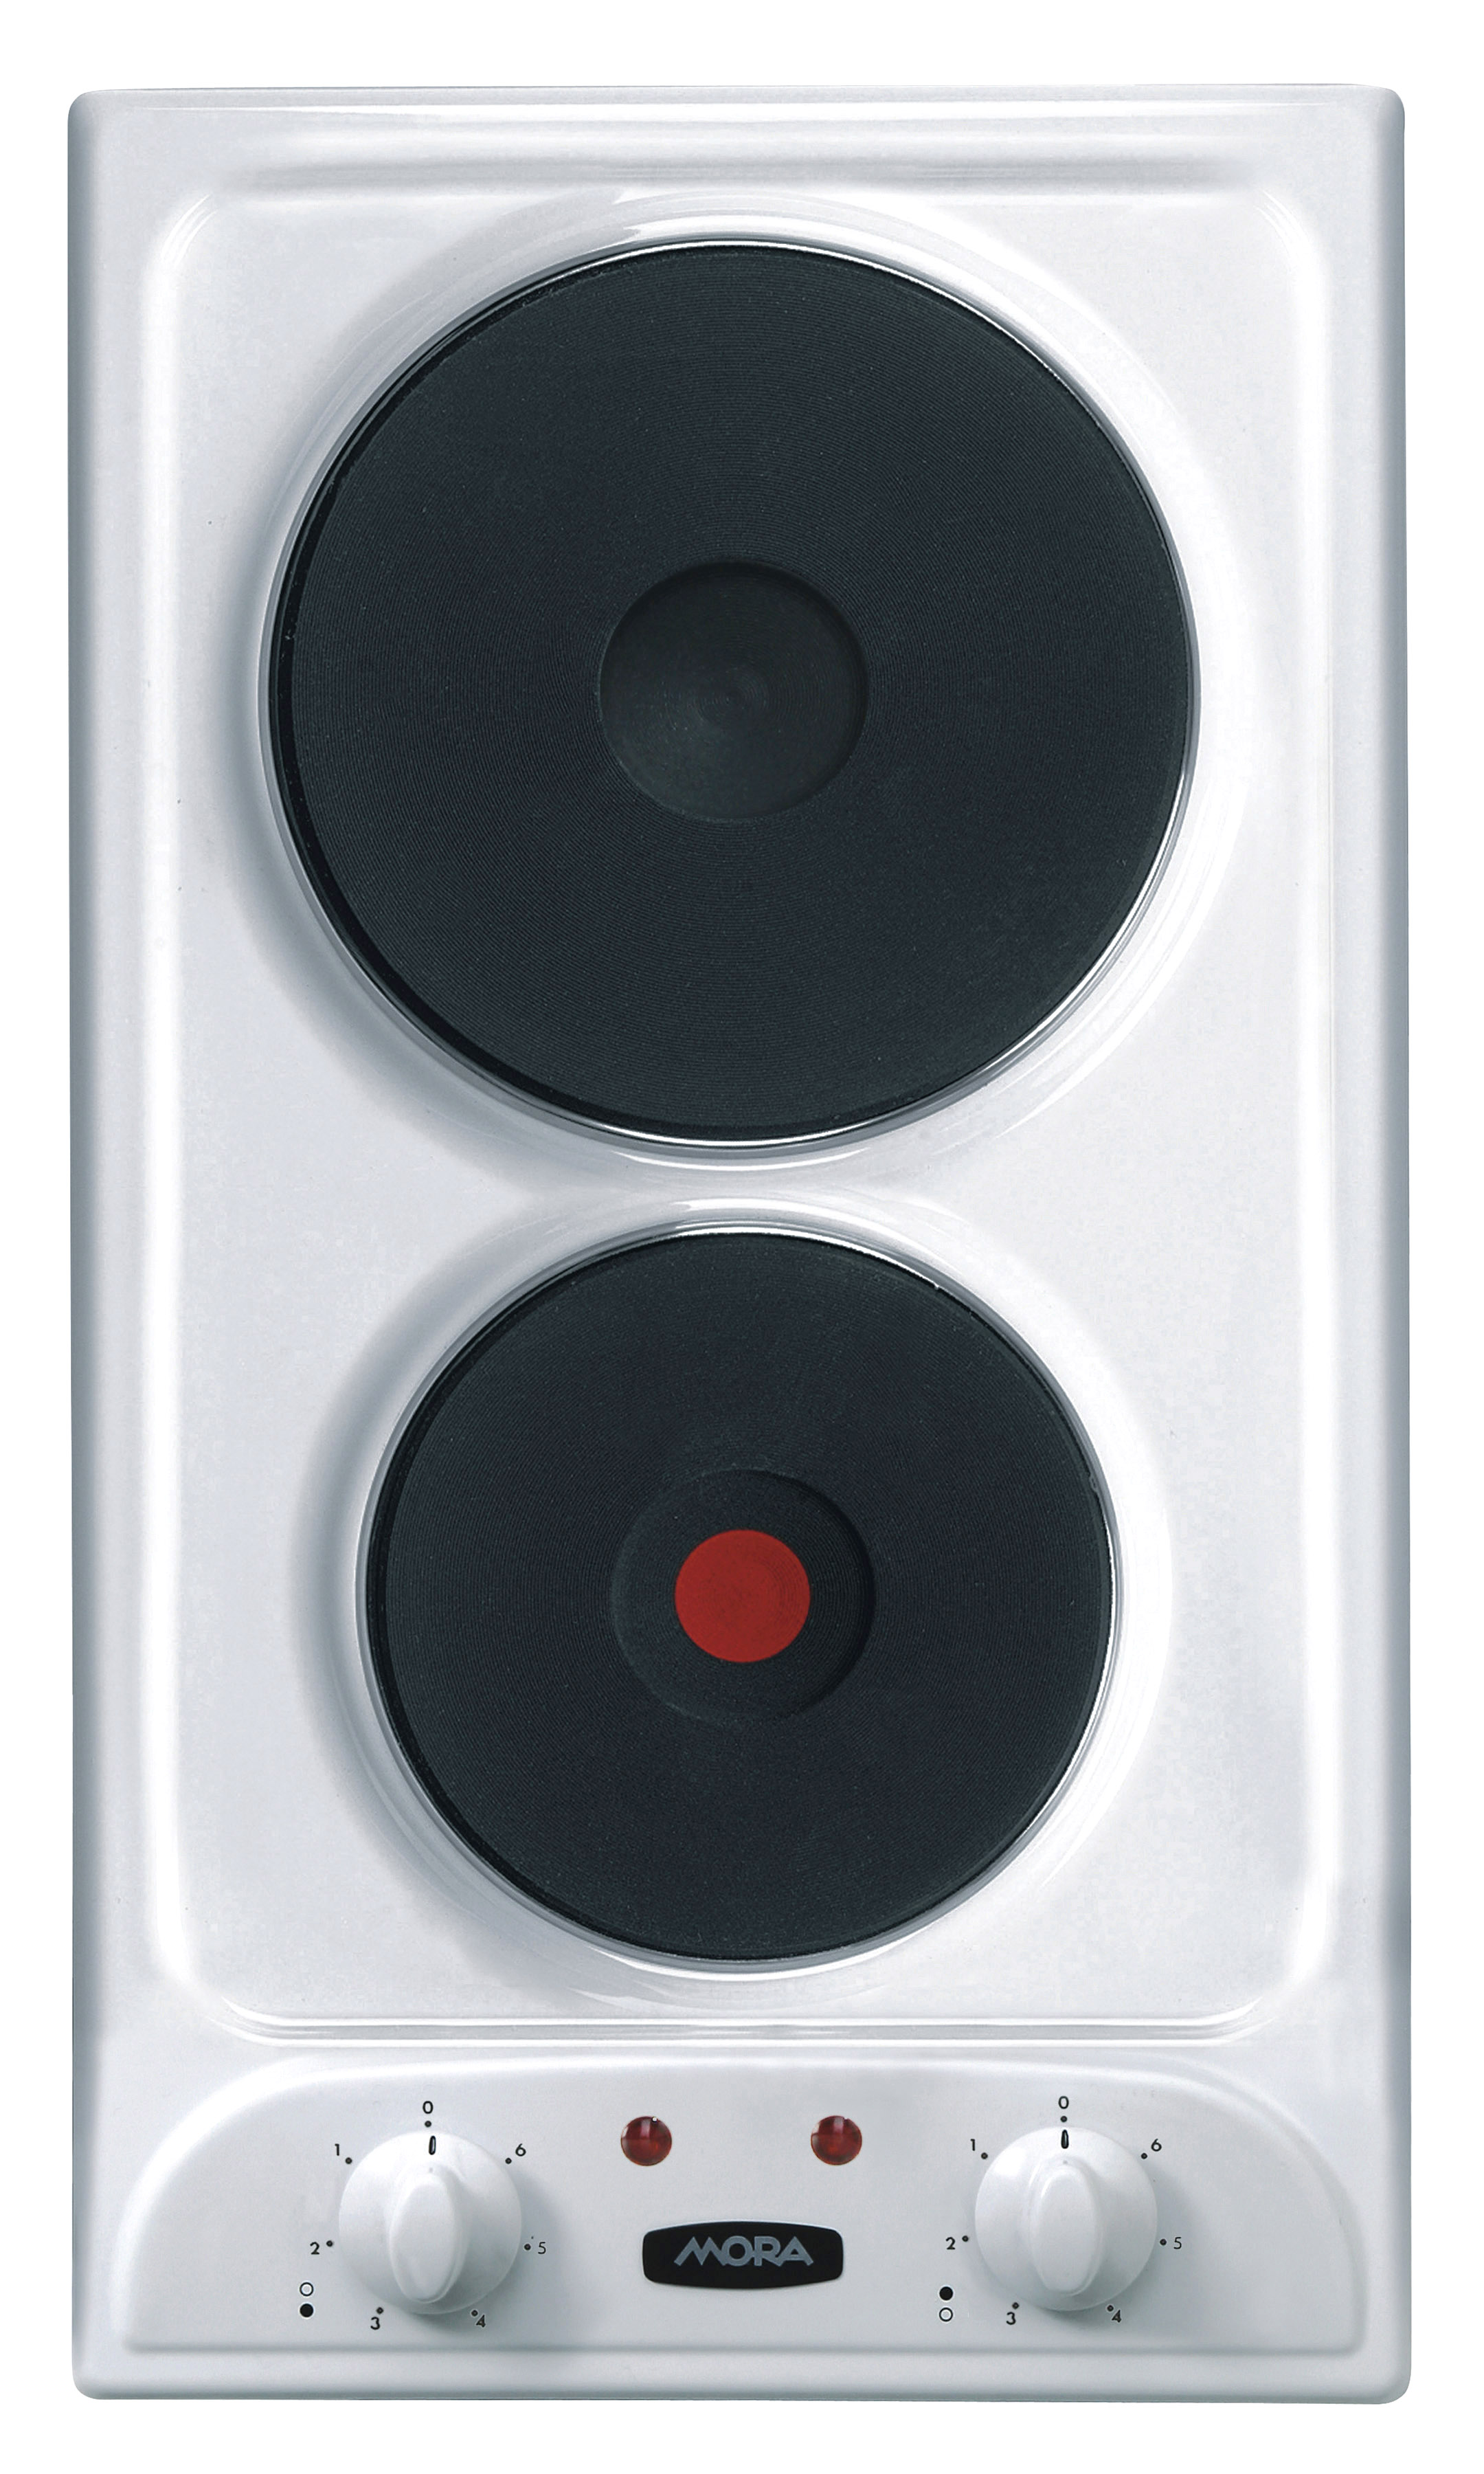 elektrická varná deska MORA VDE 310 W zapojení zdarma